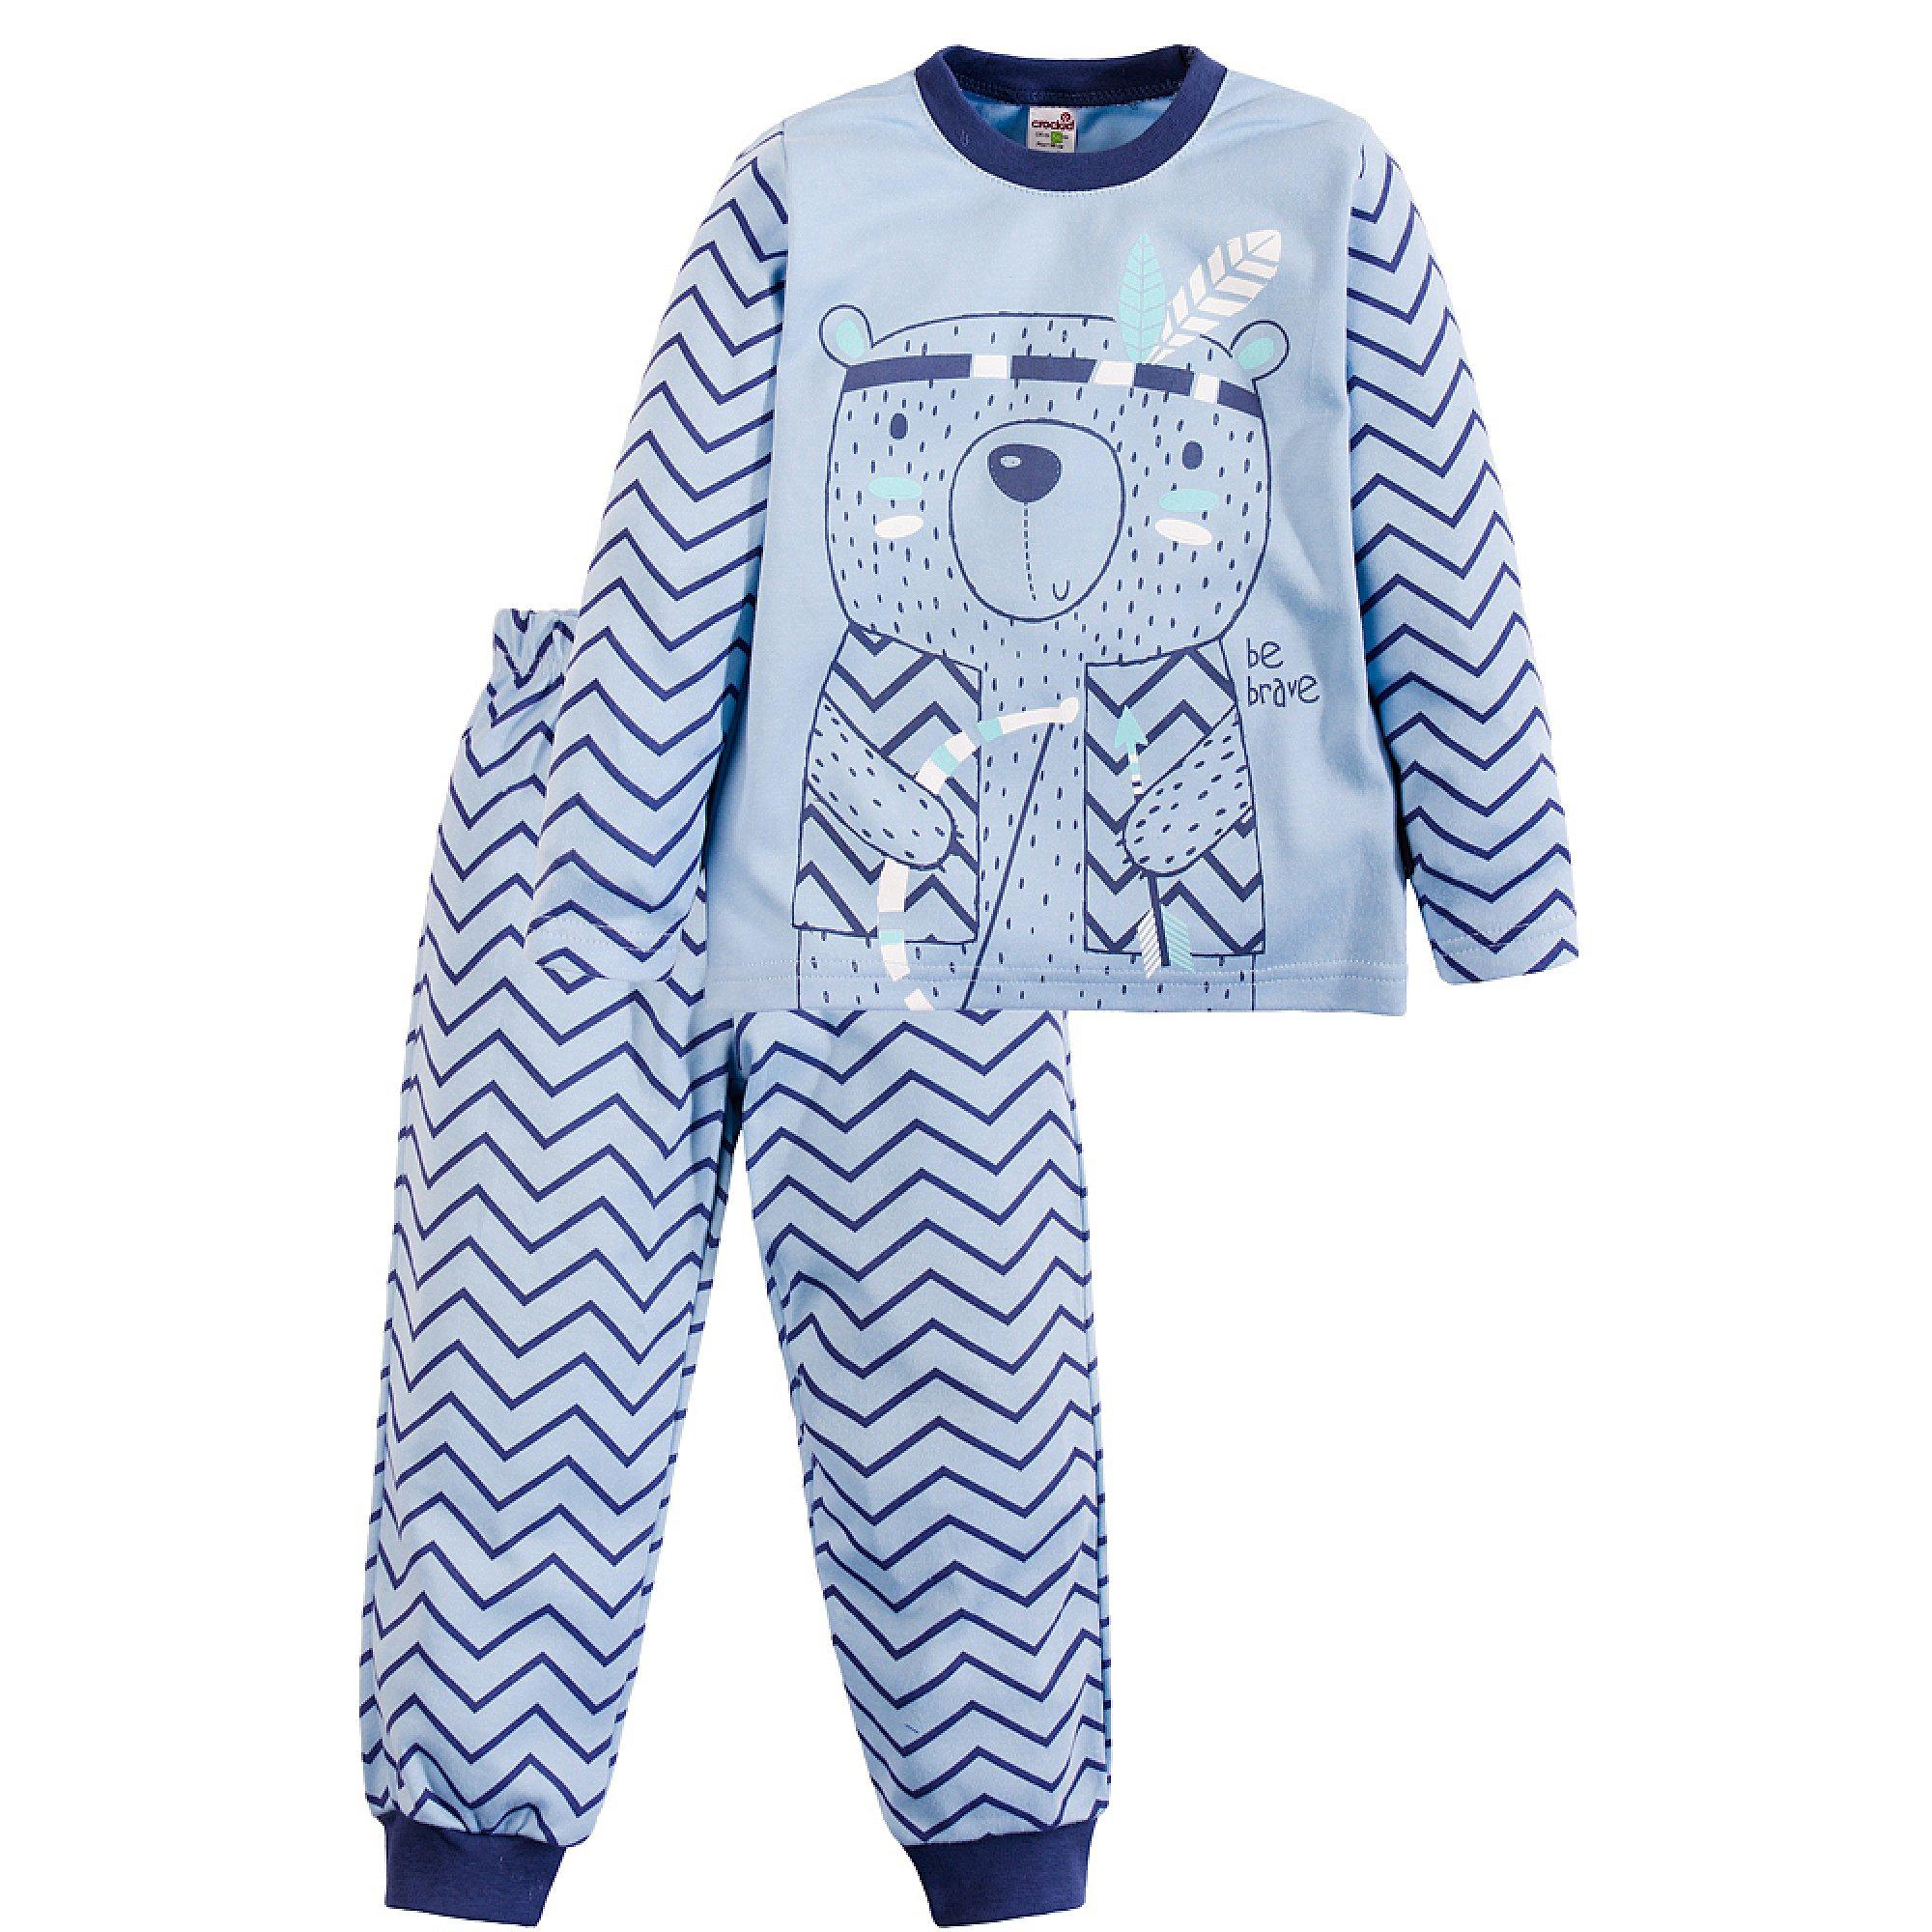 Пижама для мальчика Crockid купить оптом в интернет-магазине ... 1b0b388eae7db